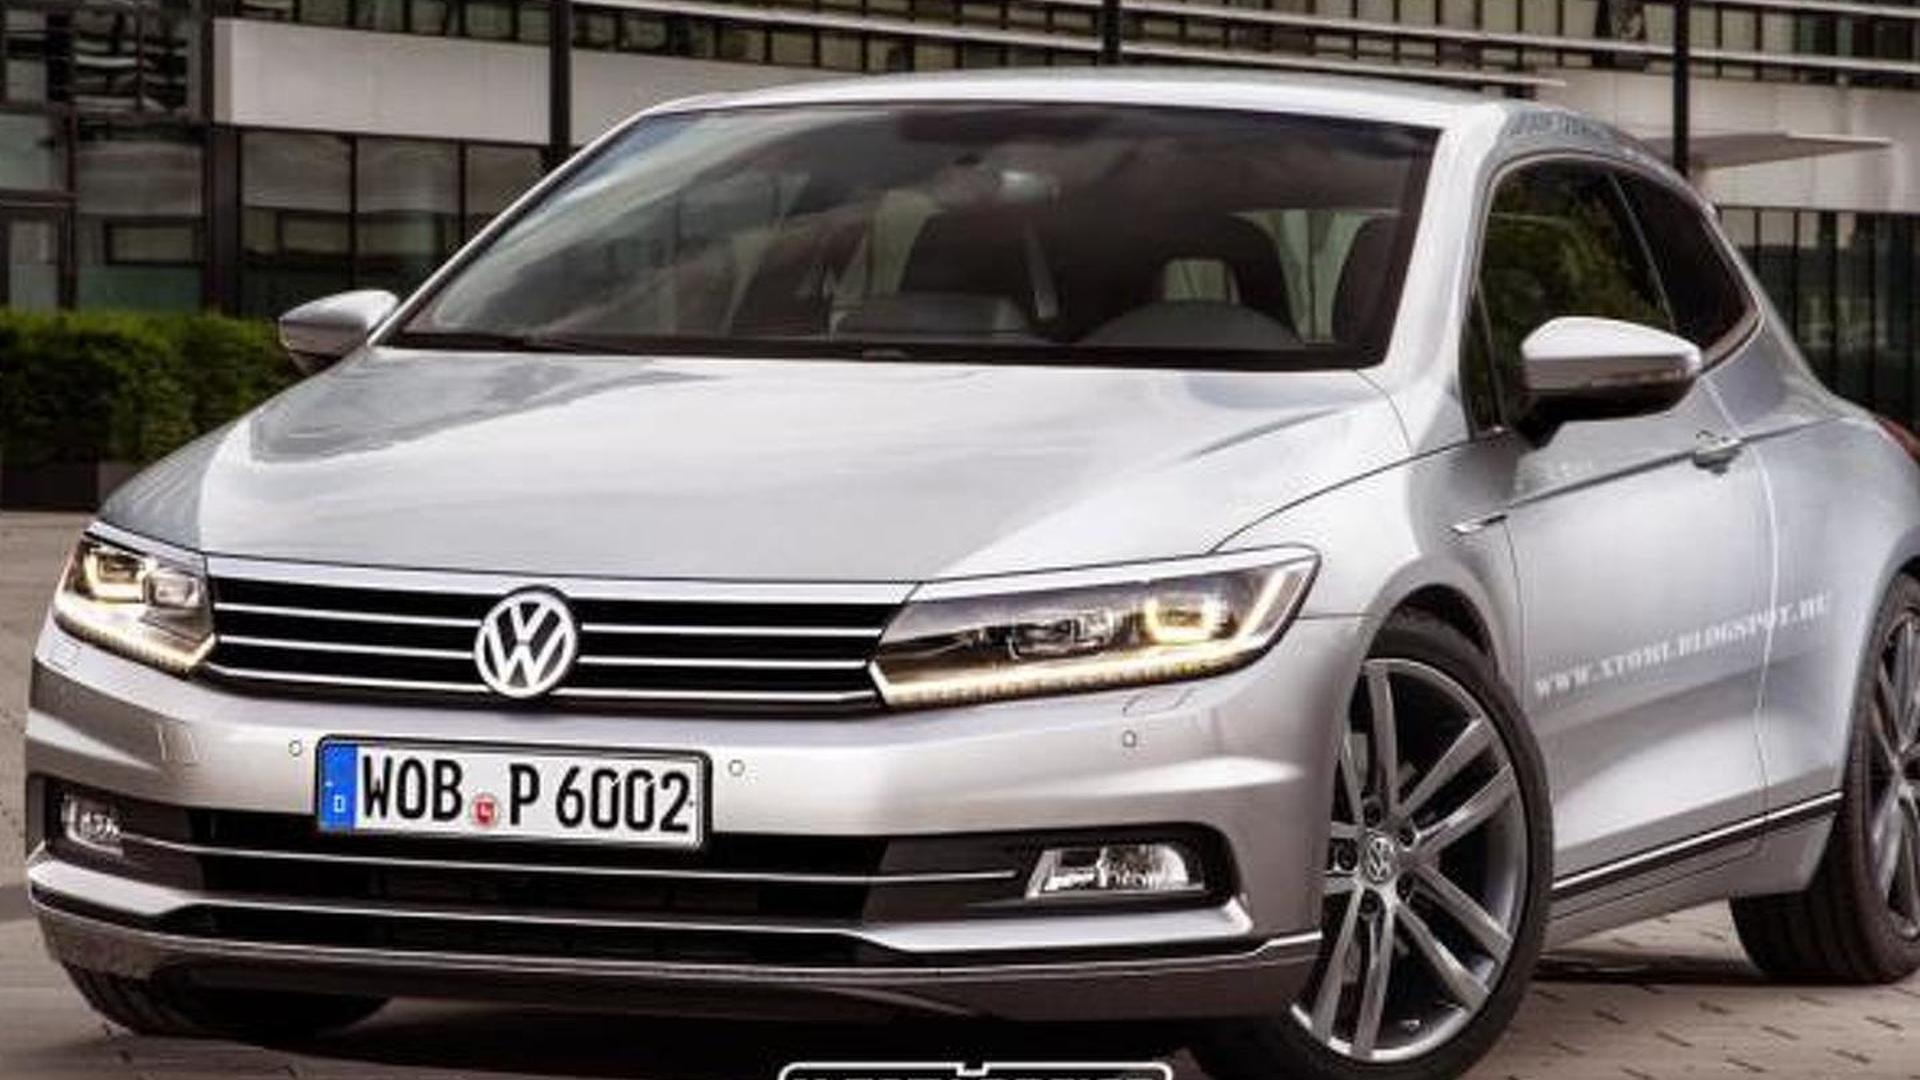 Volkswagen scirocco for sale in usa - Volkswagen Scirocco For Sale In Usa 51